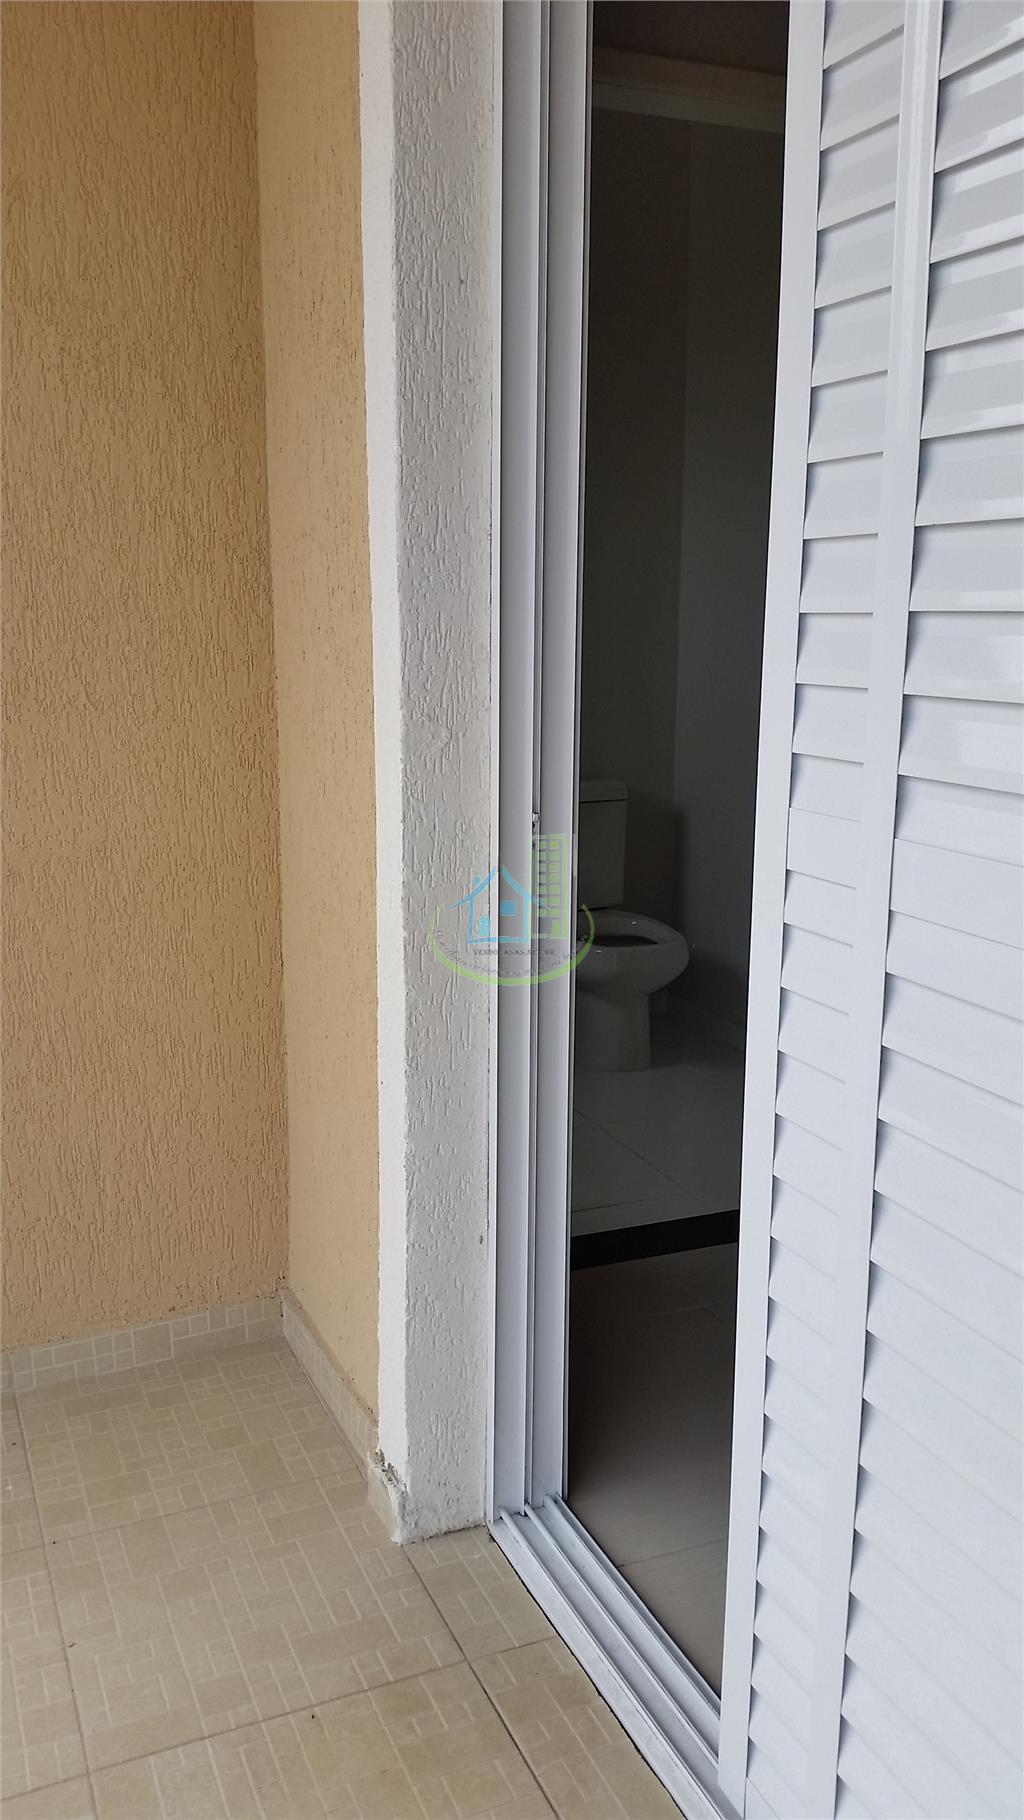 Sobrado de 3 dormitórios à venda em Socorro, São Paulo - SP